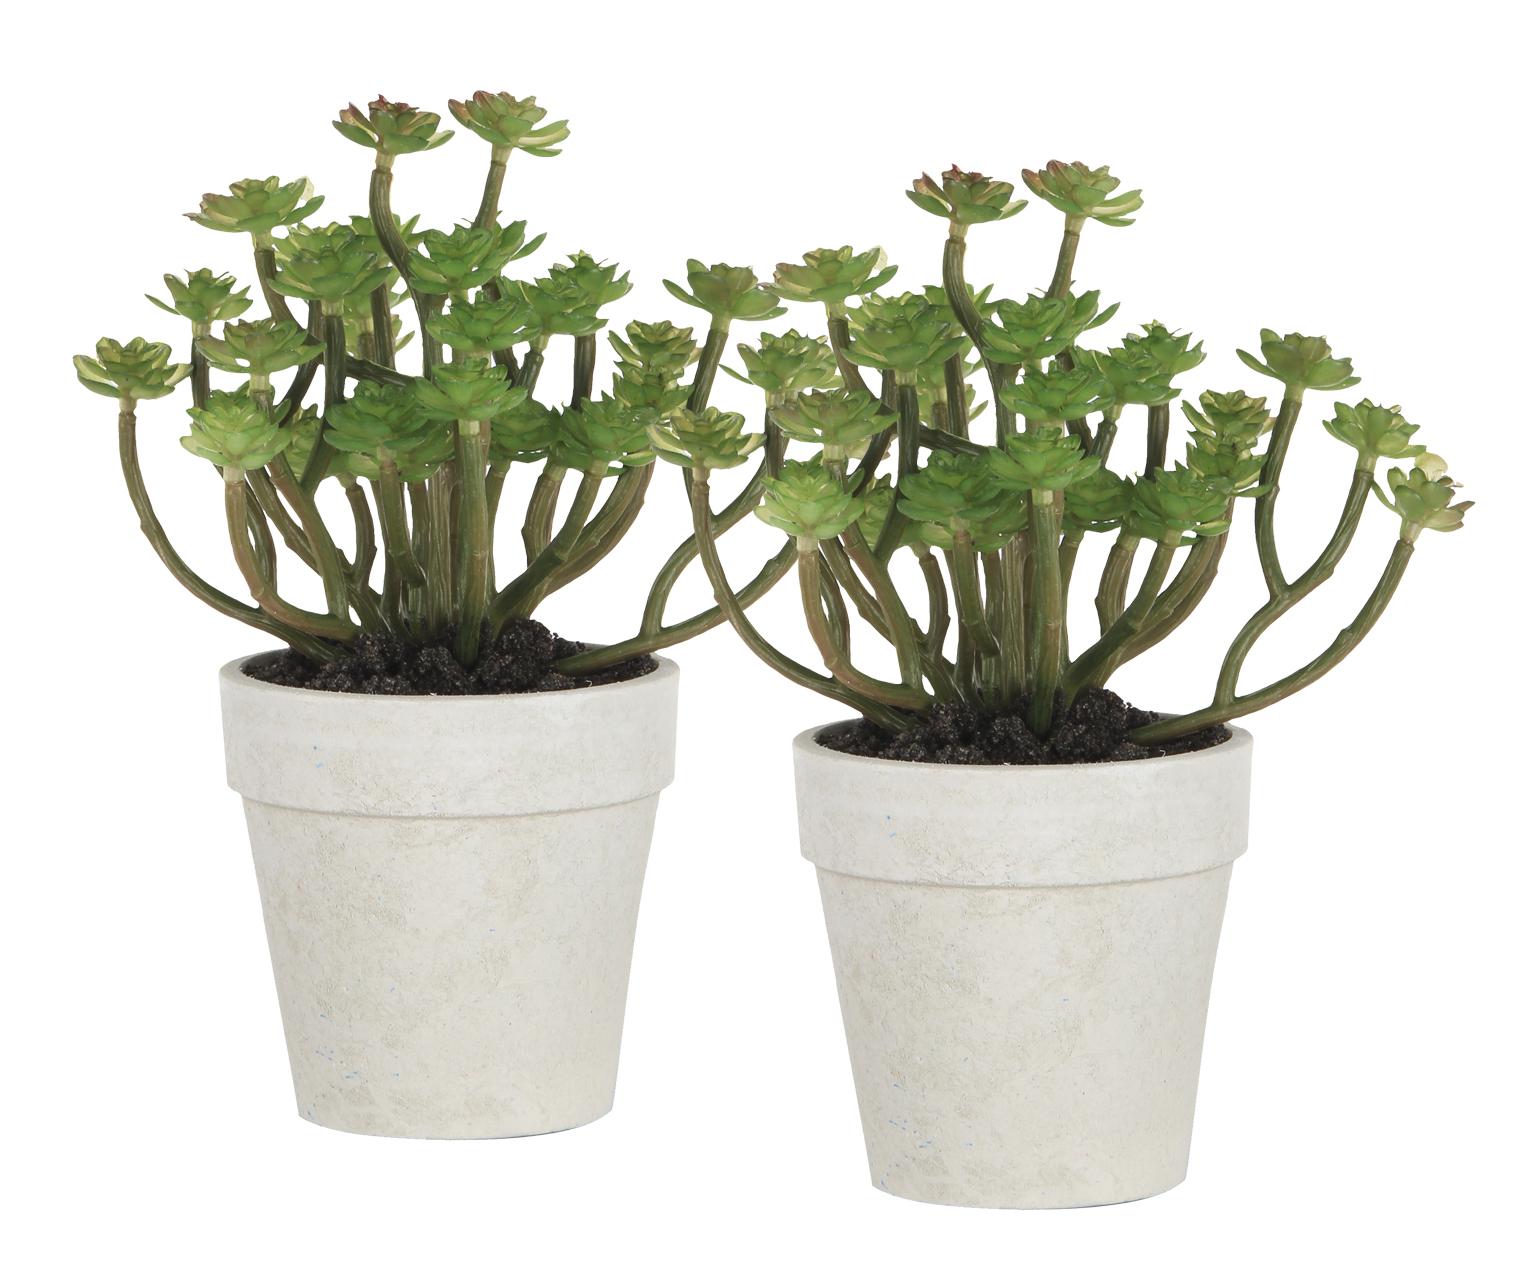 {} ARTEVALUCE Искусственное растение Sophia (11х15х18 см - 2 шт) искусственное растение мейджинг аквариум 22см в картонной коробке 15